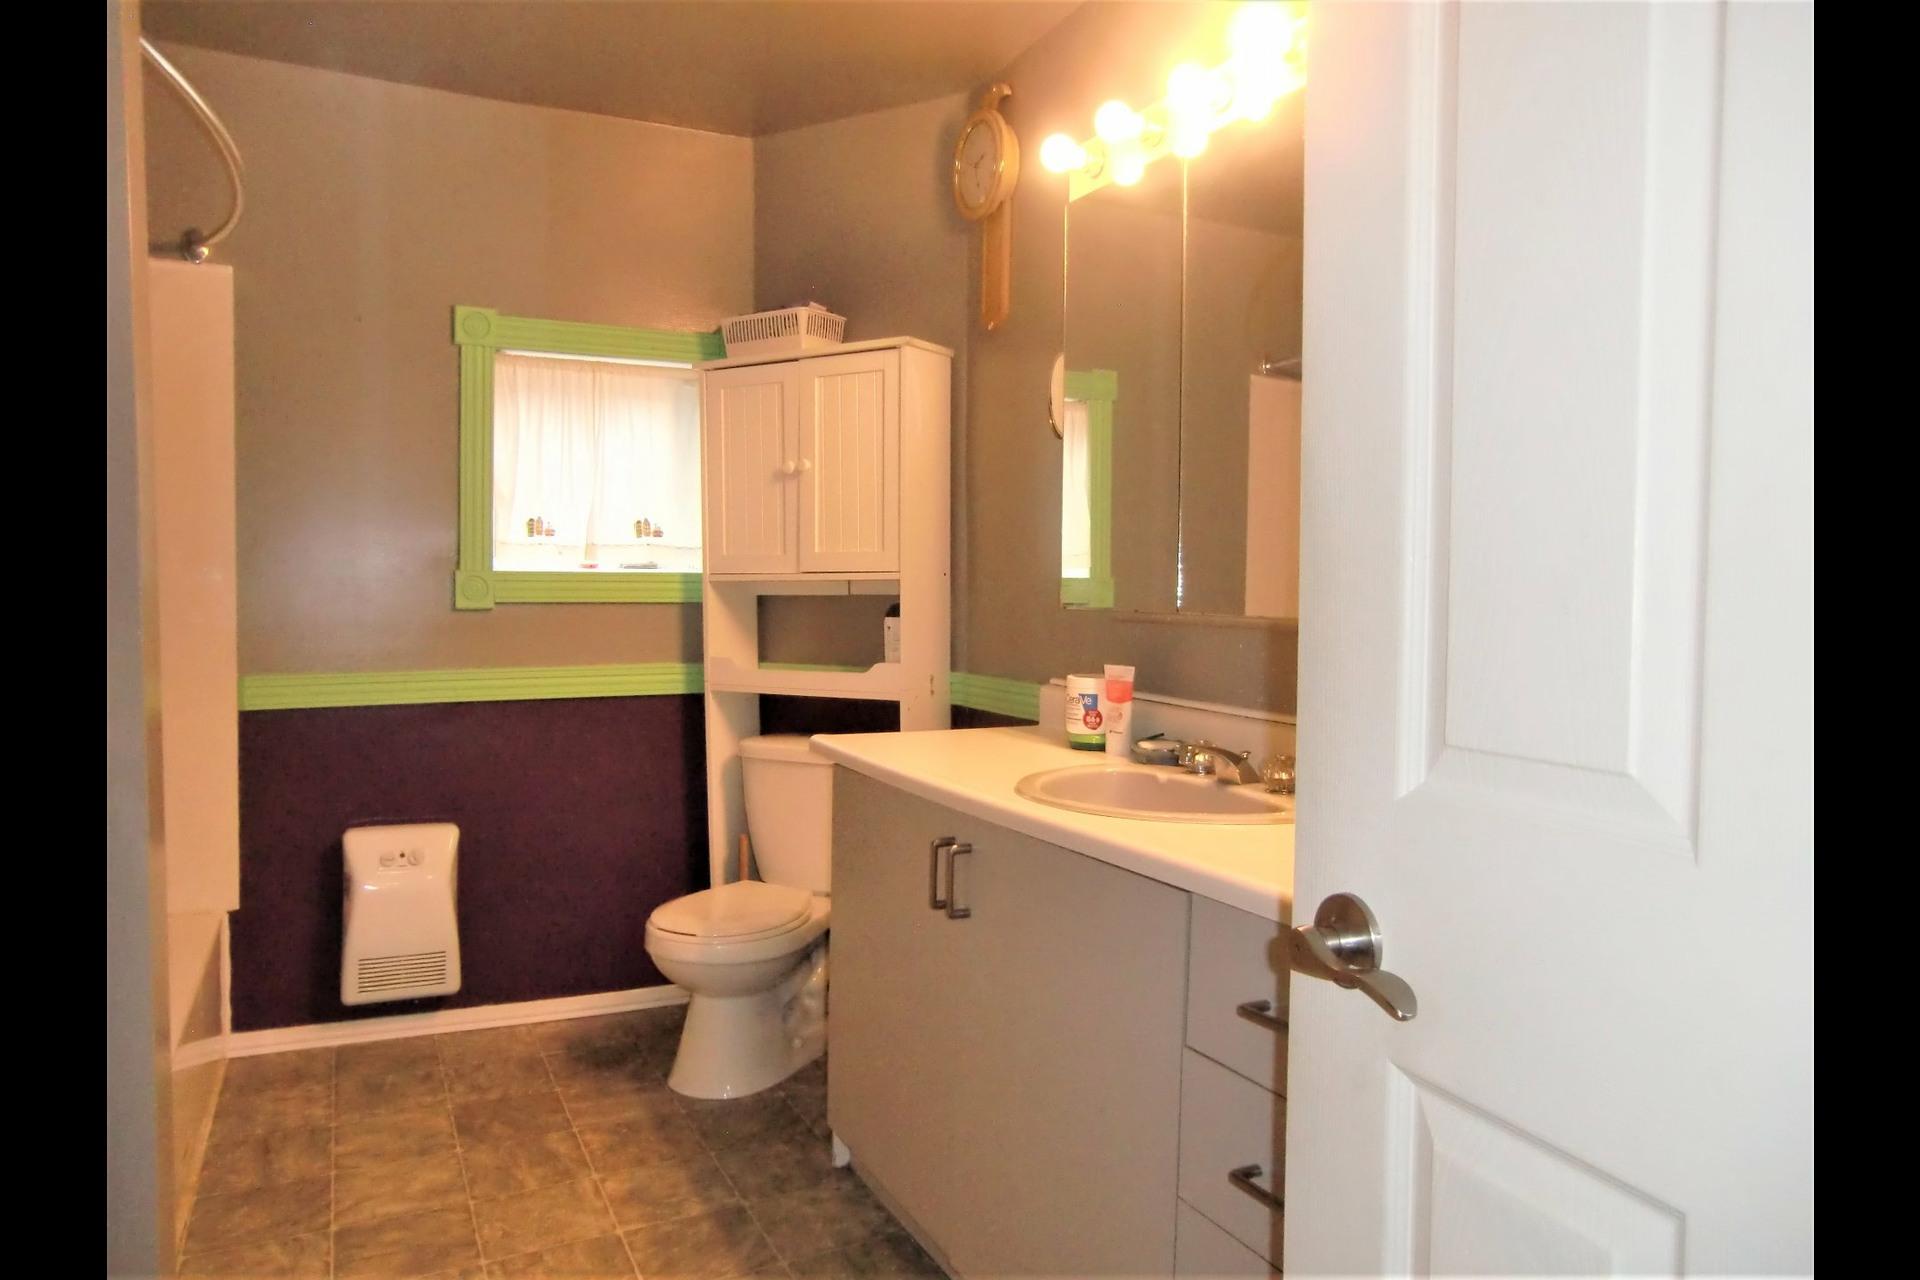 image 7 - Maison À vendre Bedford - Ville - 6 pièces